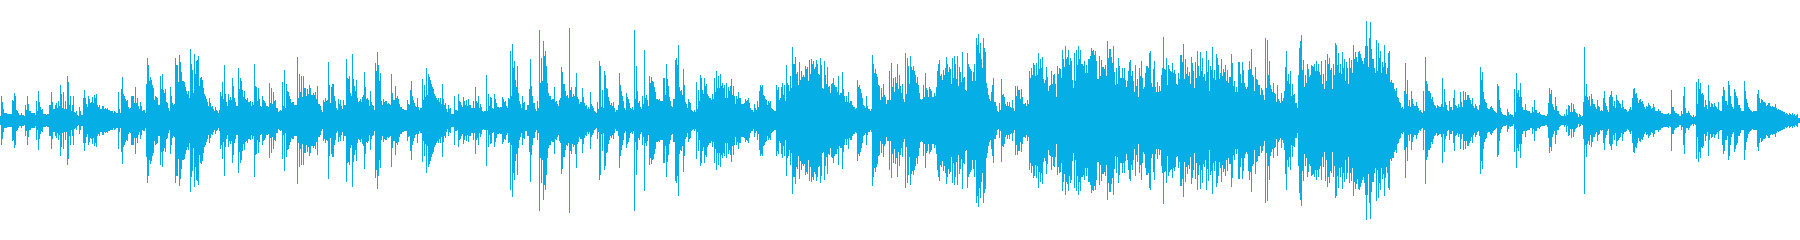 叙情的で日本人の感性に響く、シンプルな…の再生済みの波形